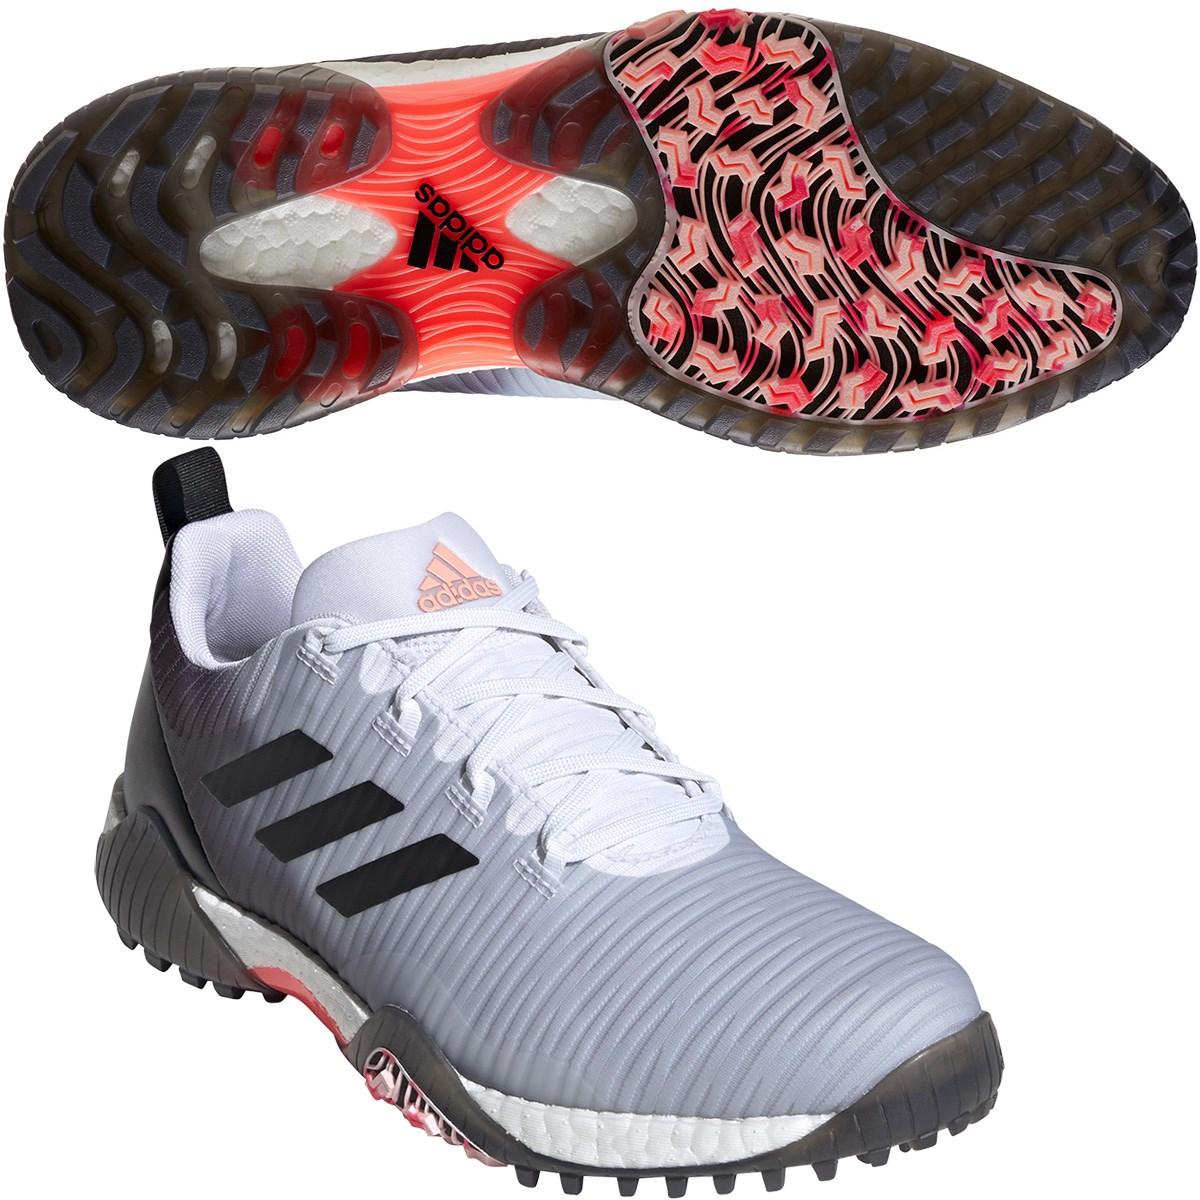 アディダス Adidas コードカオス シューズ 26.5cm ホワイト/コアブラック/ライトフラッシュオレンジ